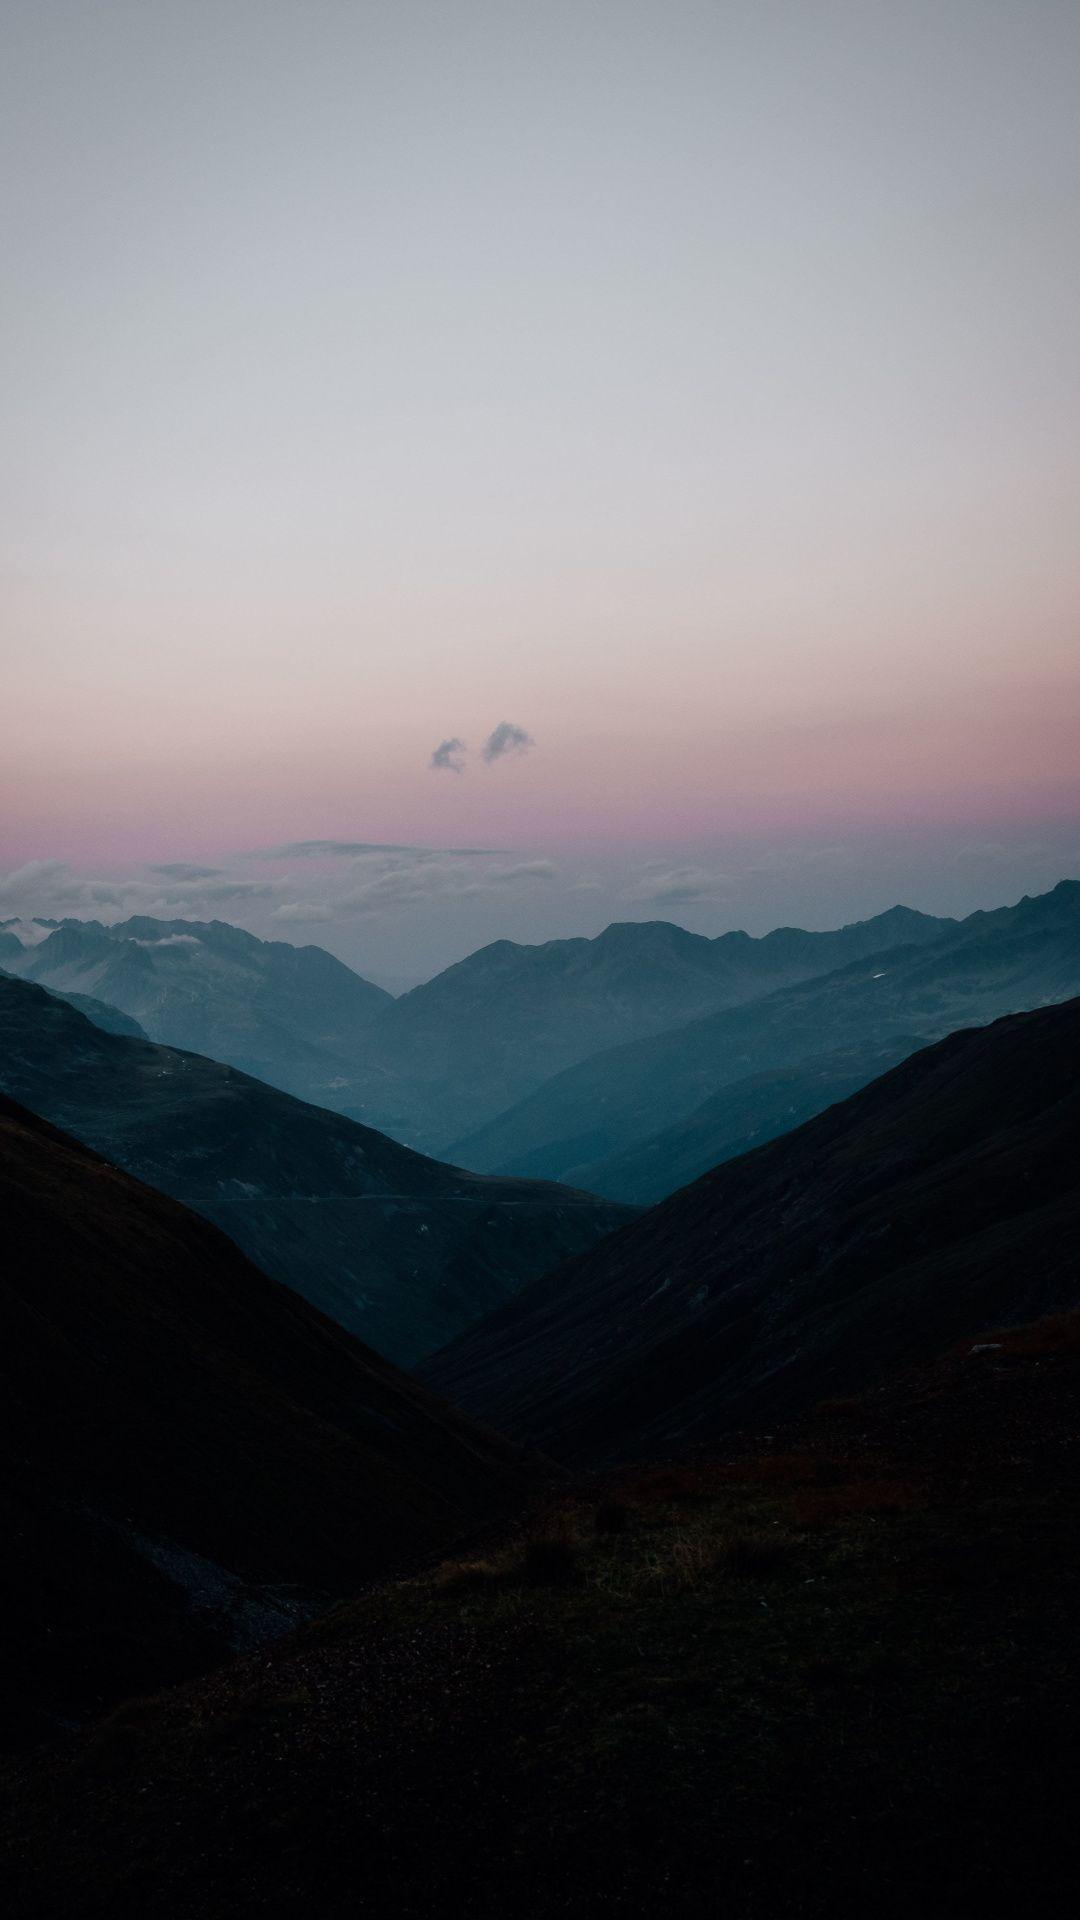 Peaceful Morning Horizon Sunrise Mountains 1080x1920 Wallpaper